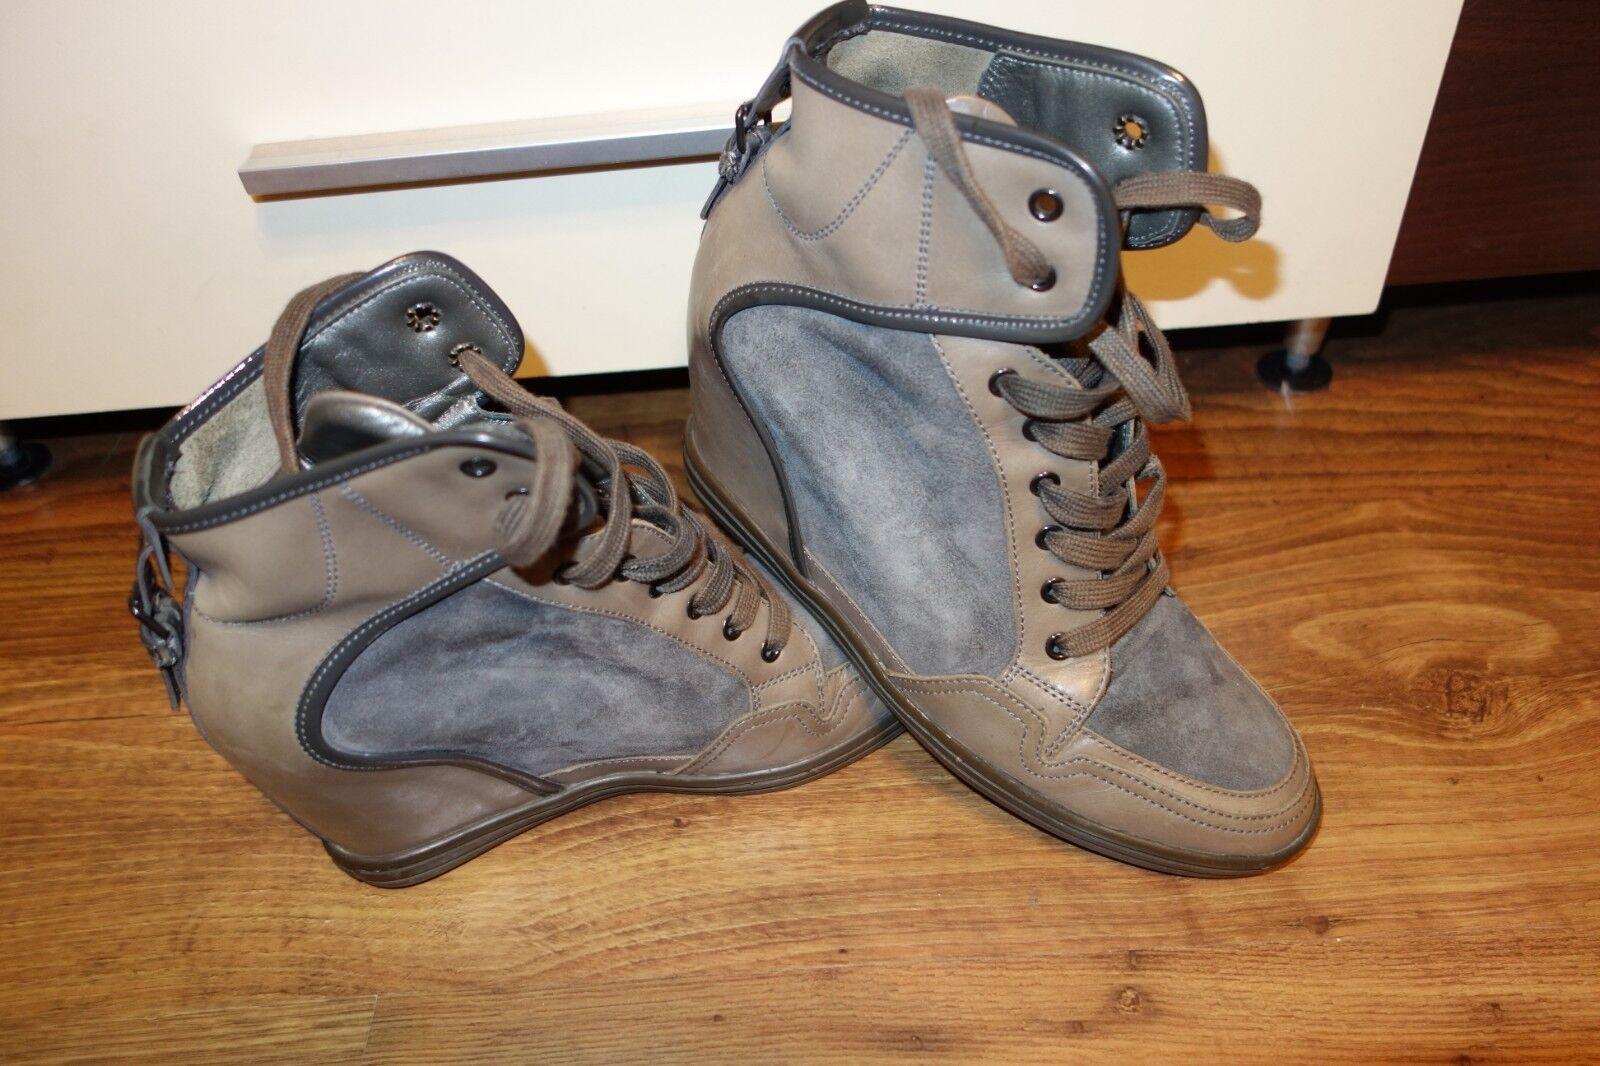 Hogan rebel para Mujeres Zapatos Zapatillas botas Tamaño Alta Top de Superdry